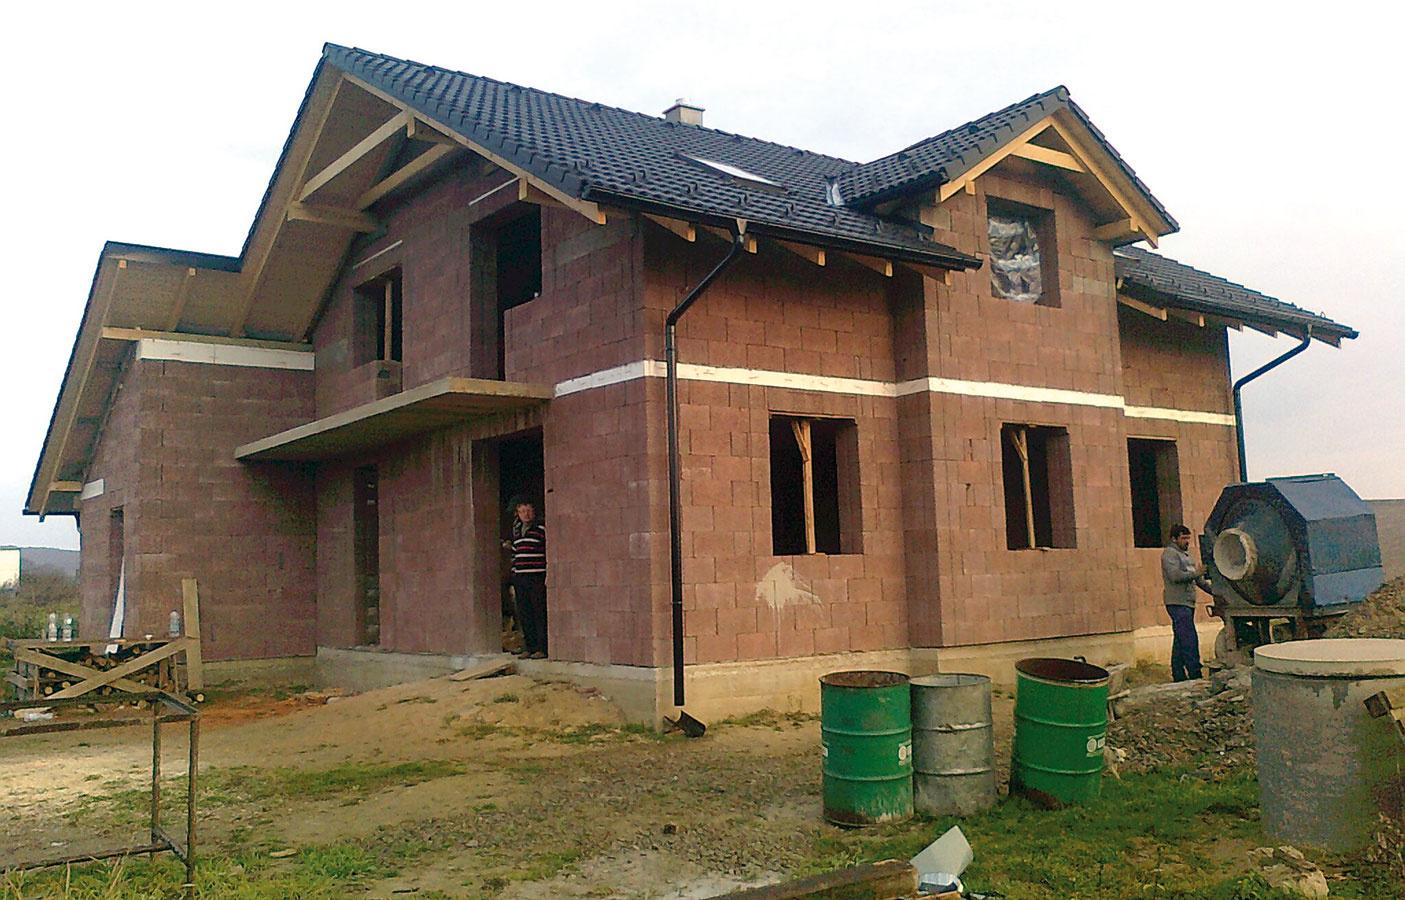 Kombinácia dreva abetónu. Vlastnosti stavebného systému Durisol vyplývajú zkombinácie dreva abetónu – vďaka tvárniciam, ktorých základom je drevná štiepka, má vynikajúce tepelno- azvukoizolačné charakteristiky, masívne betónové jadro zas výborne akumuluje teplo azabezpečuje skvelú statiku. Ukladanie tvaroviek nasucho je rýchle ajednoduché ahoci následná betonáž zvyšuje prácnosť aznižuje rýchlosť výstavby, Durisol sa dodatočne nezatepľuje, čím sa zasa ušetrí veľa námahy ačasu.